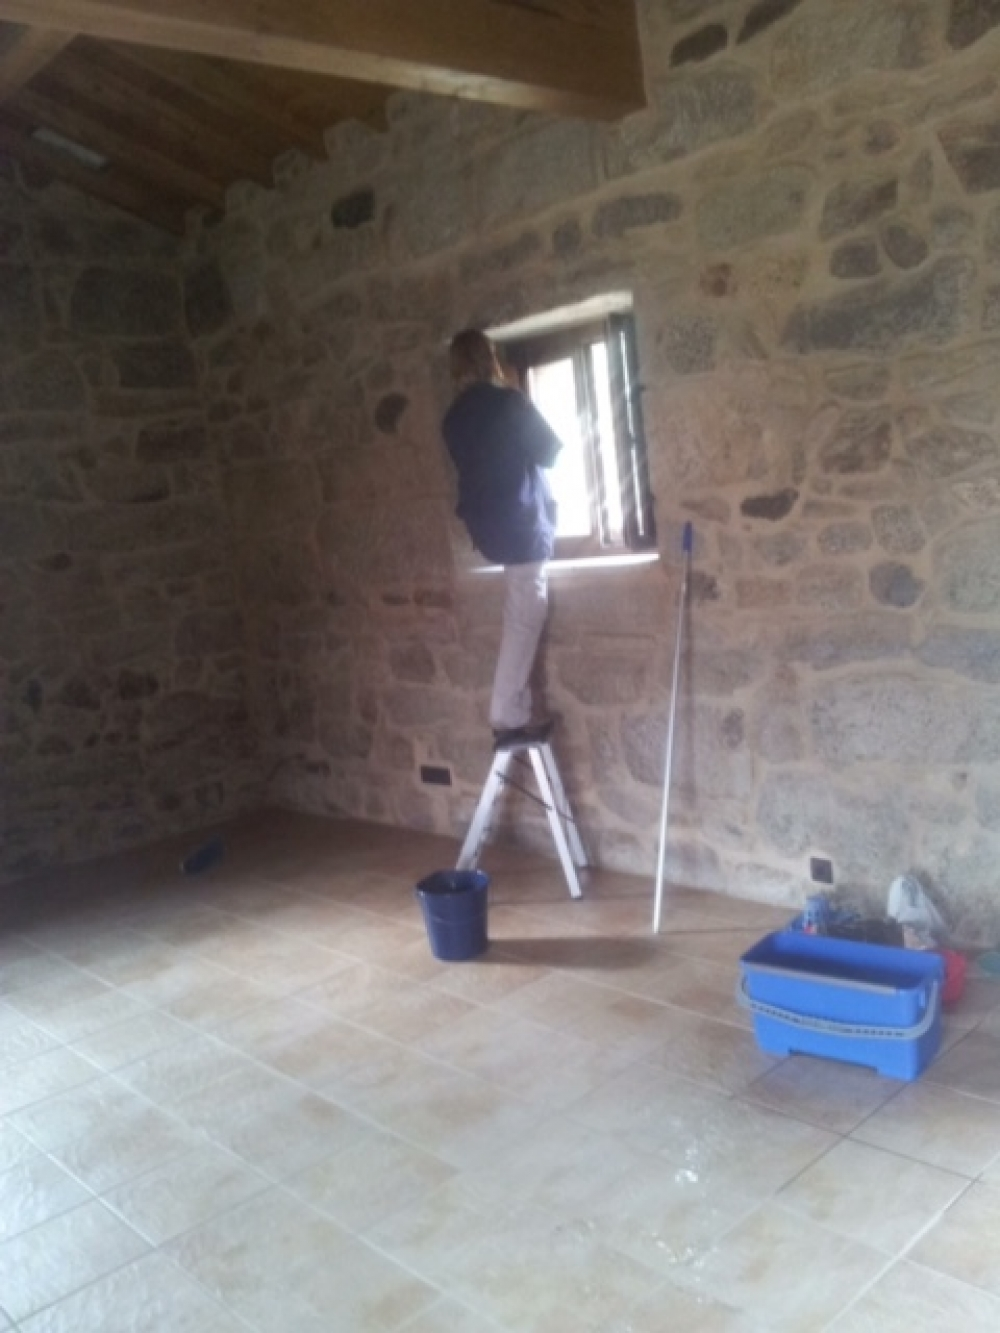 Limpiar por horas great cmo limpiar un mtodo de - Limpiar casas por horas ...